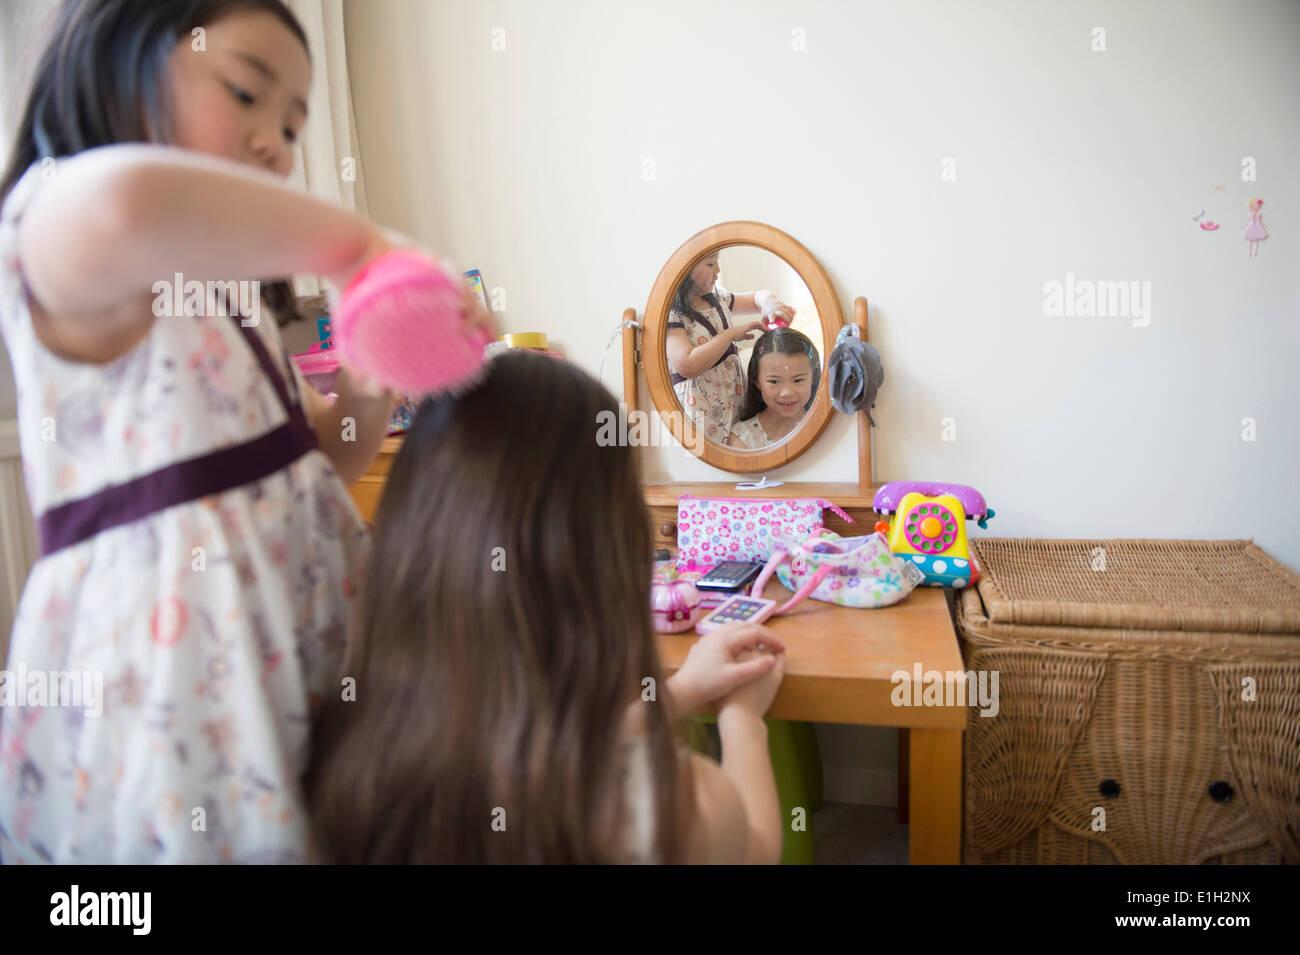 Giovane ragazza amici di spazzolare i capelli in camera da letto Immagini Stock